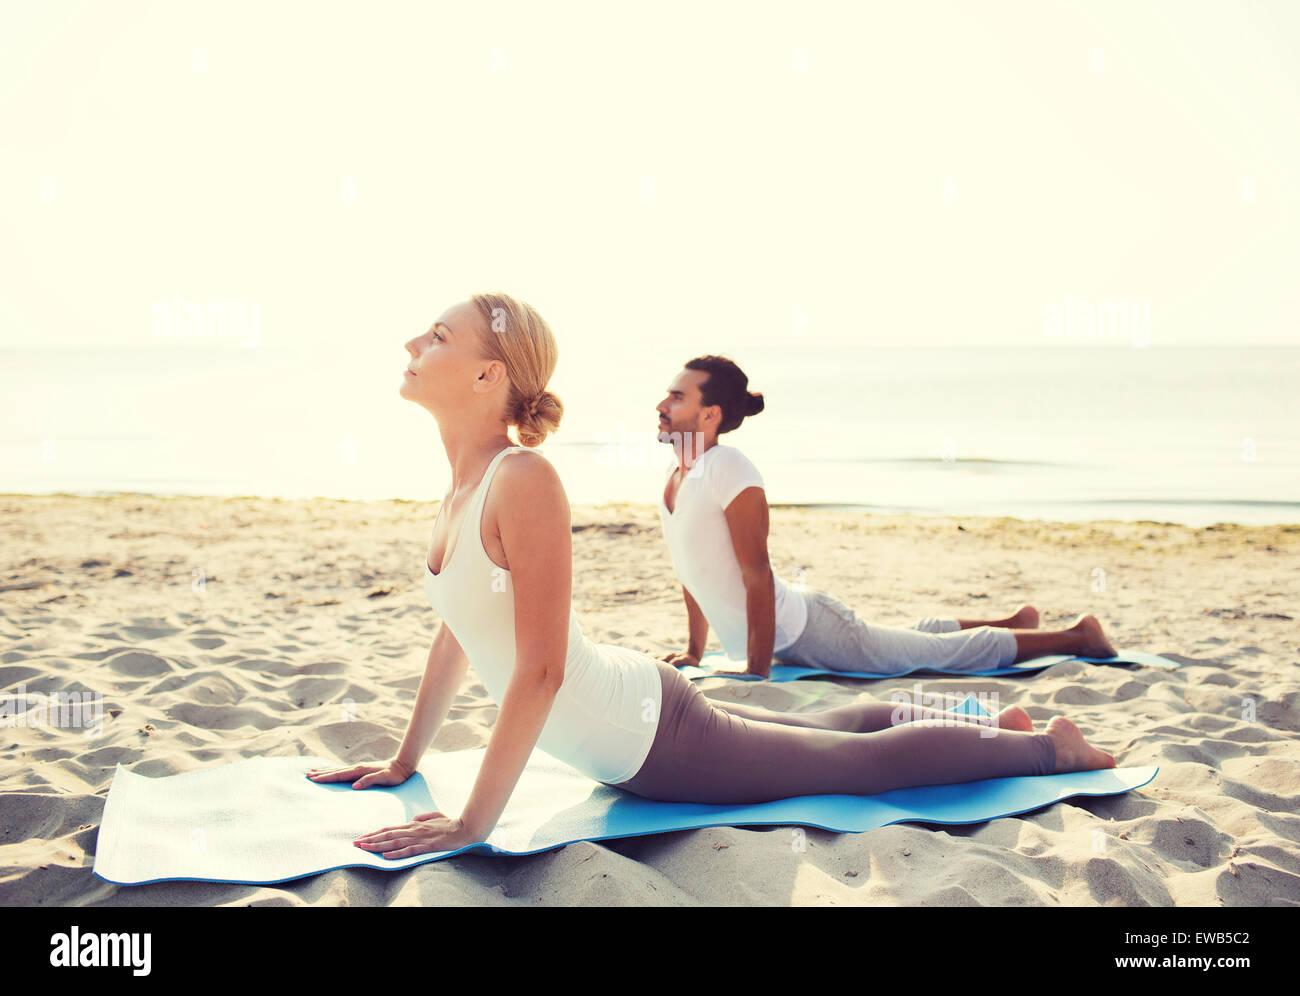 couple making yoga exercises outdoors - Stock Image